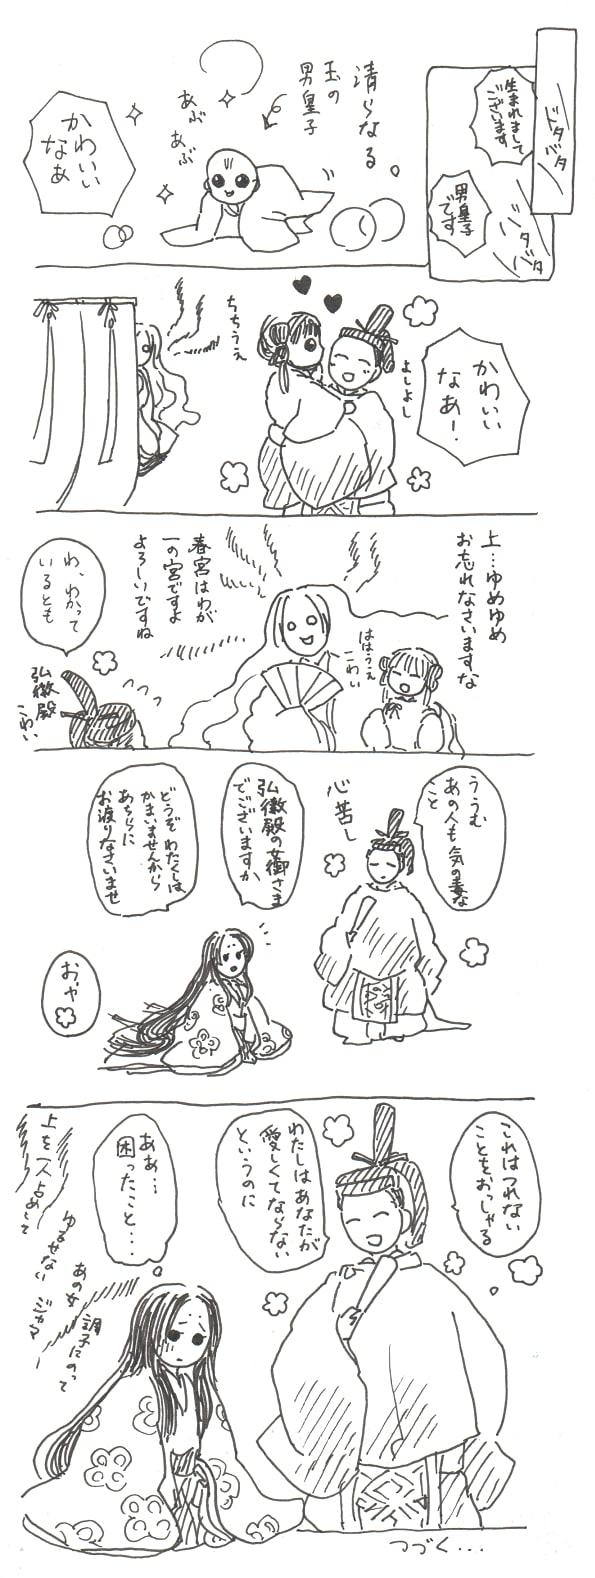 の 源氏 物語 誕生 光源氏